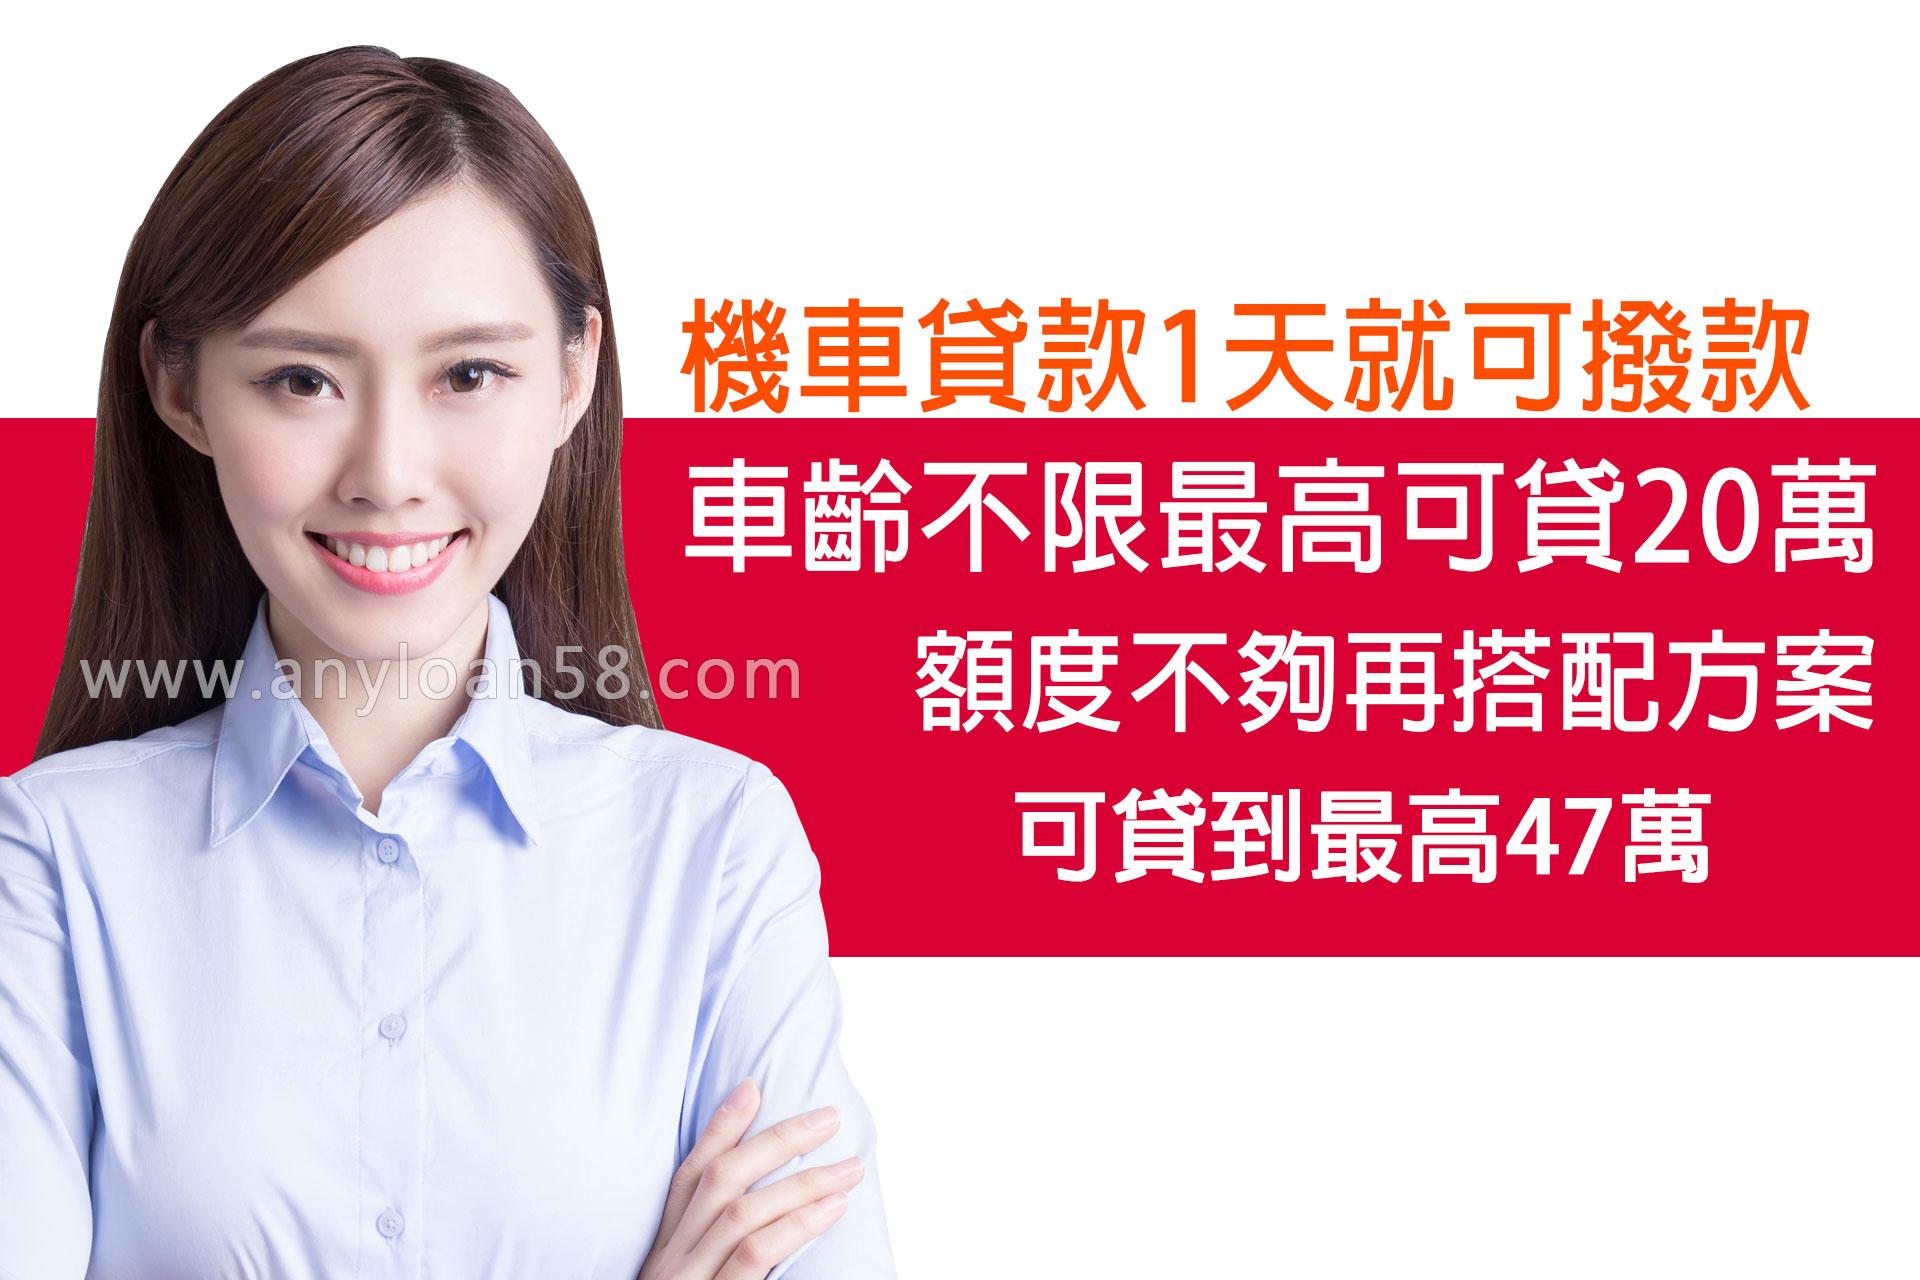 機車貸款找專員辦最高25萬,1天可撥款,額度不夠在申請最高52萬